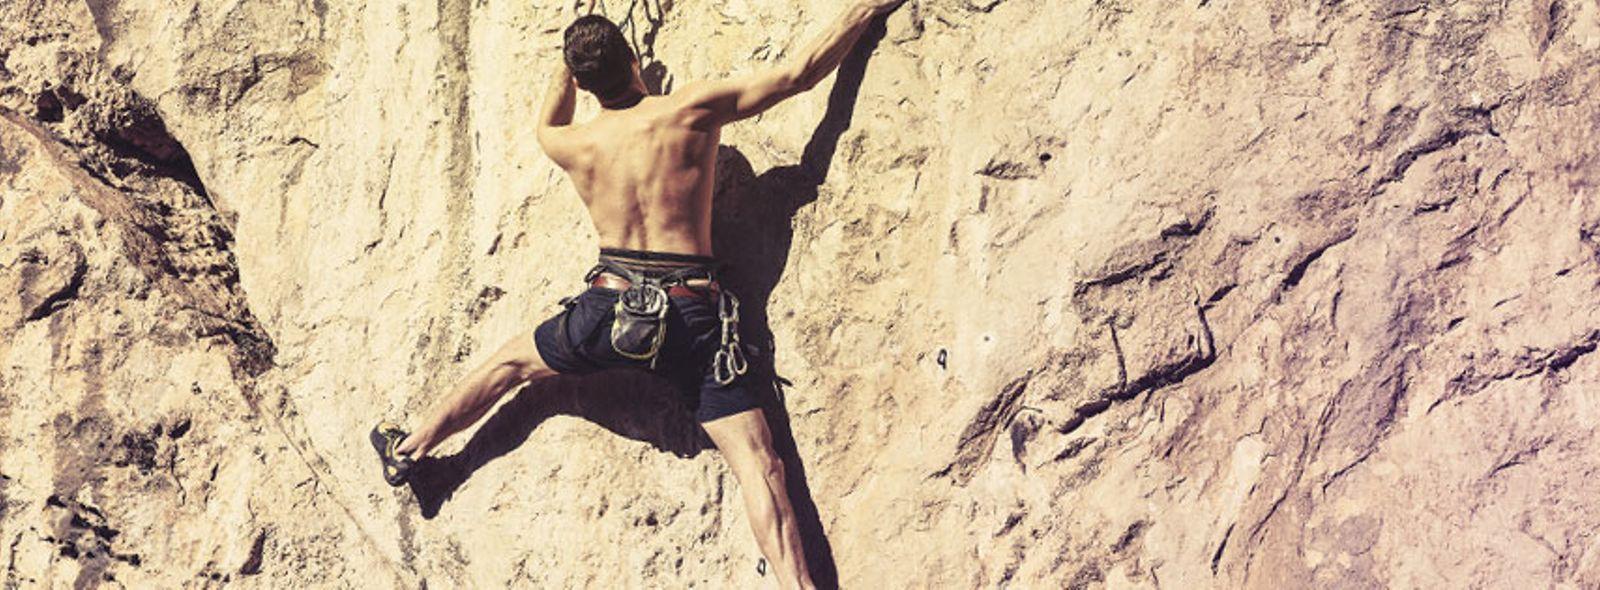 Attrezzatura per arrampicata sportiva